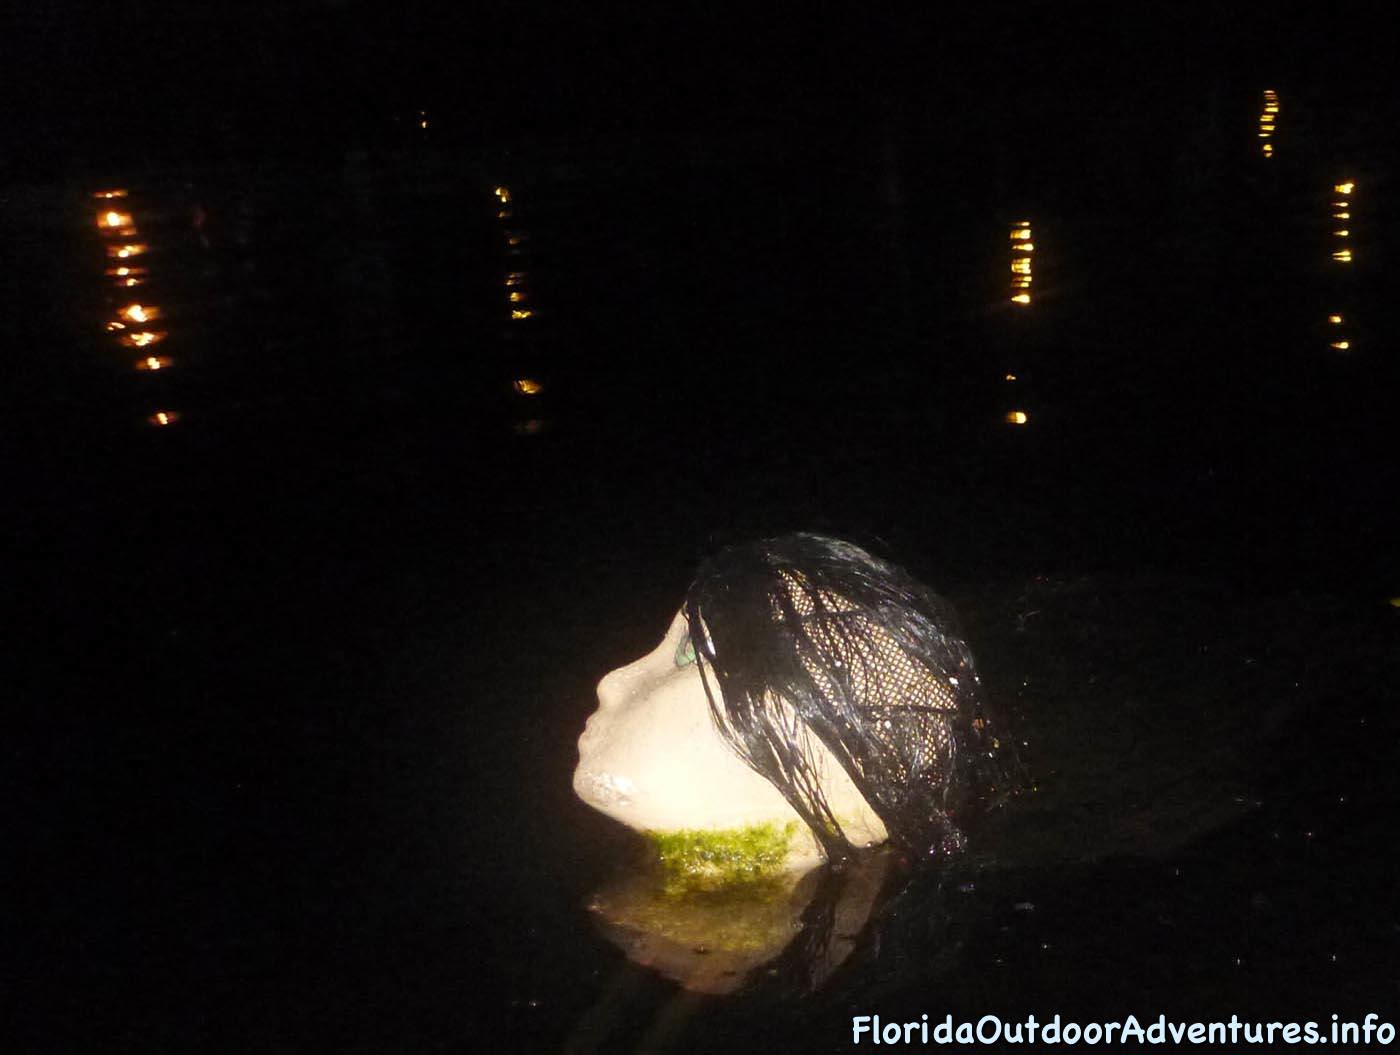 floridaoutdooradventures.info-07.jpg